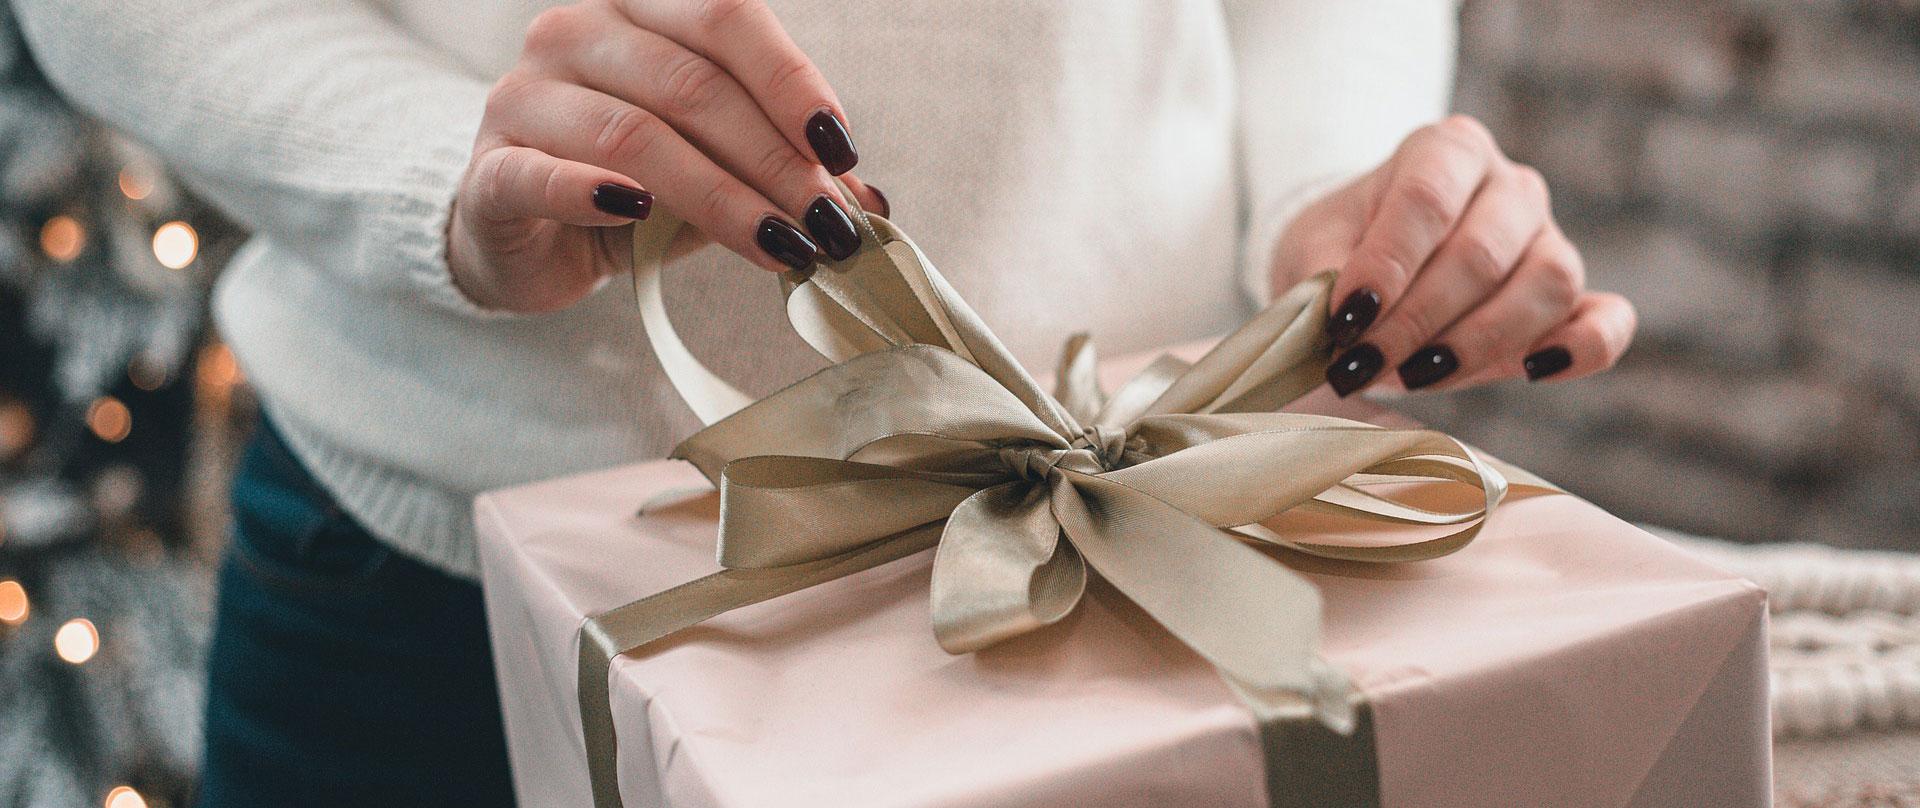 cómo hacer un regalo a alguien especial